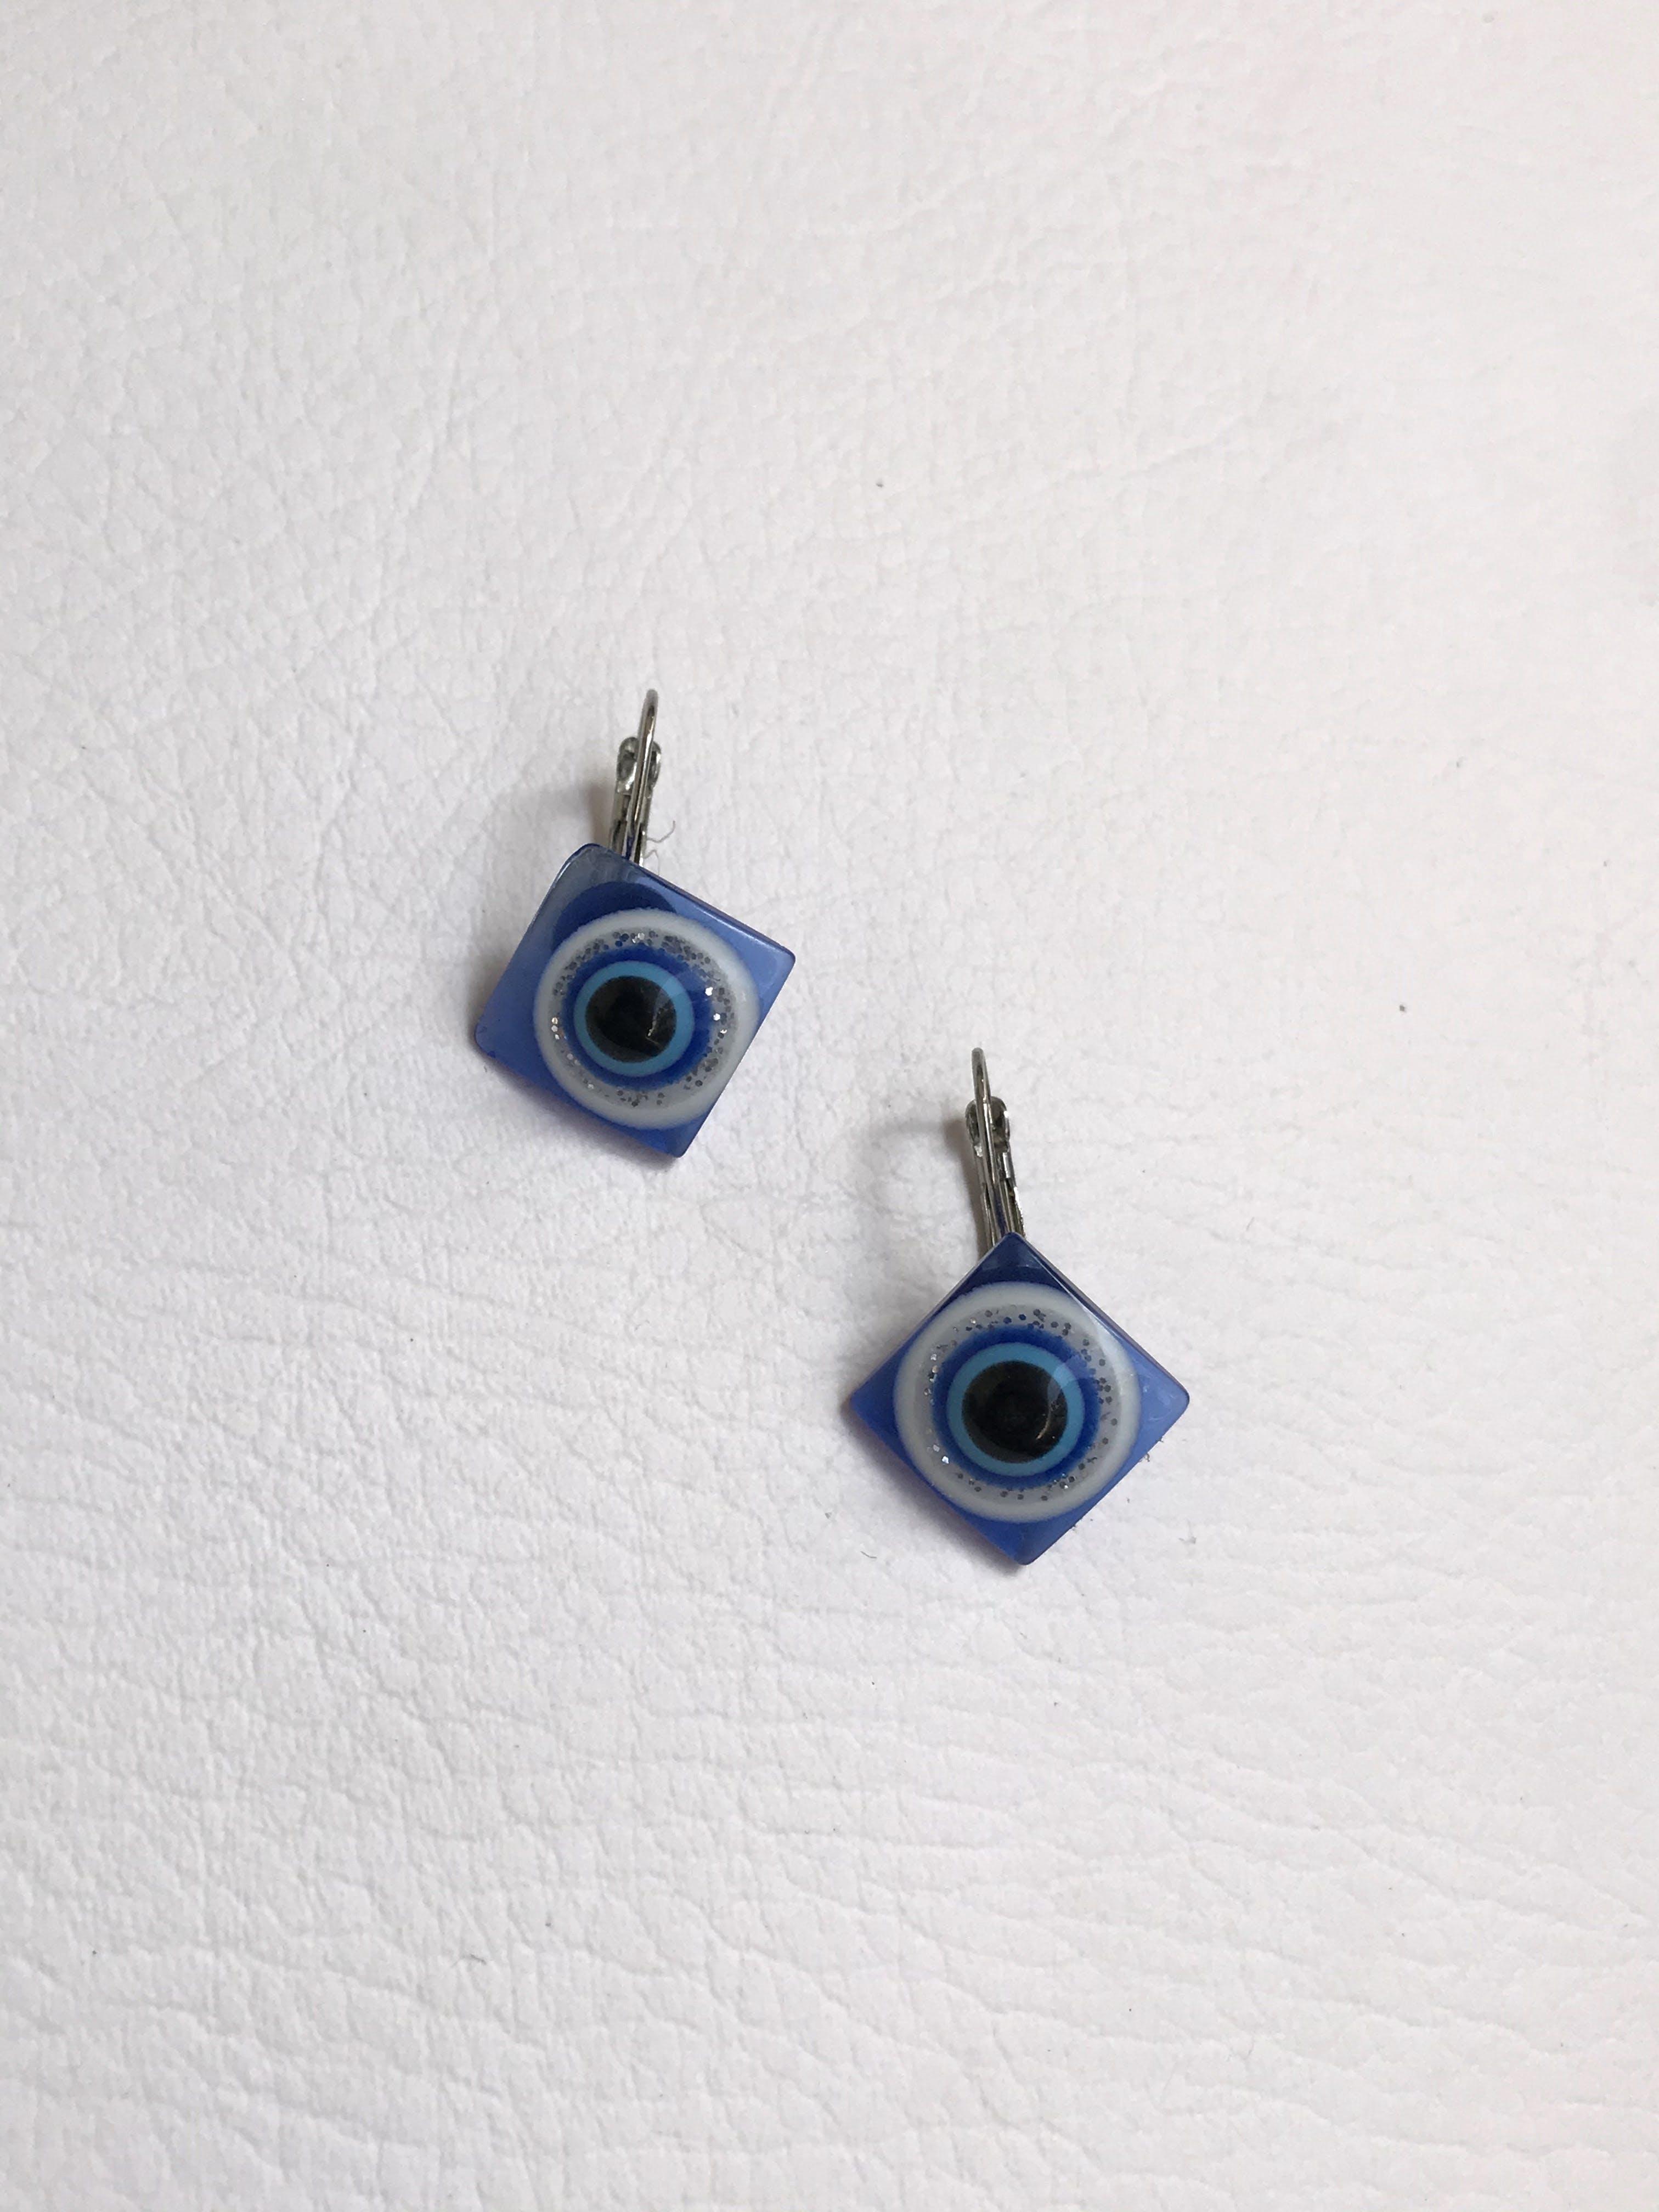 Aretes rombo de acrílico azul con relieve tipo ojo turco